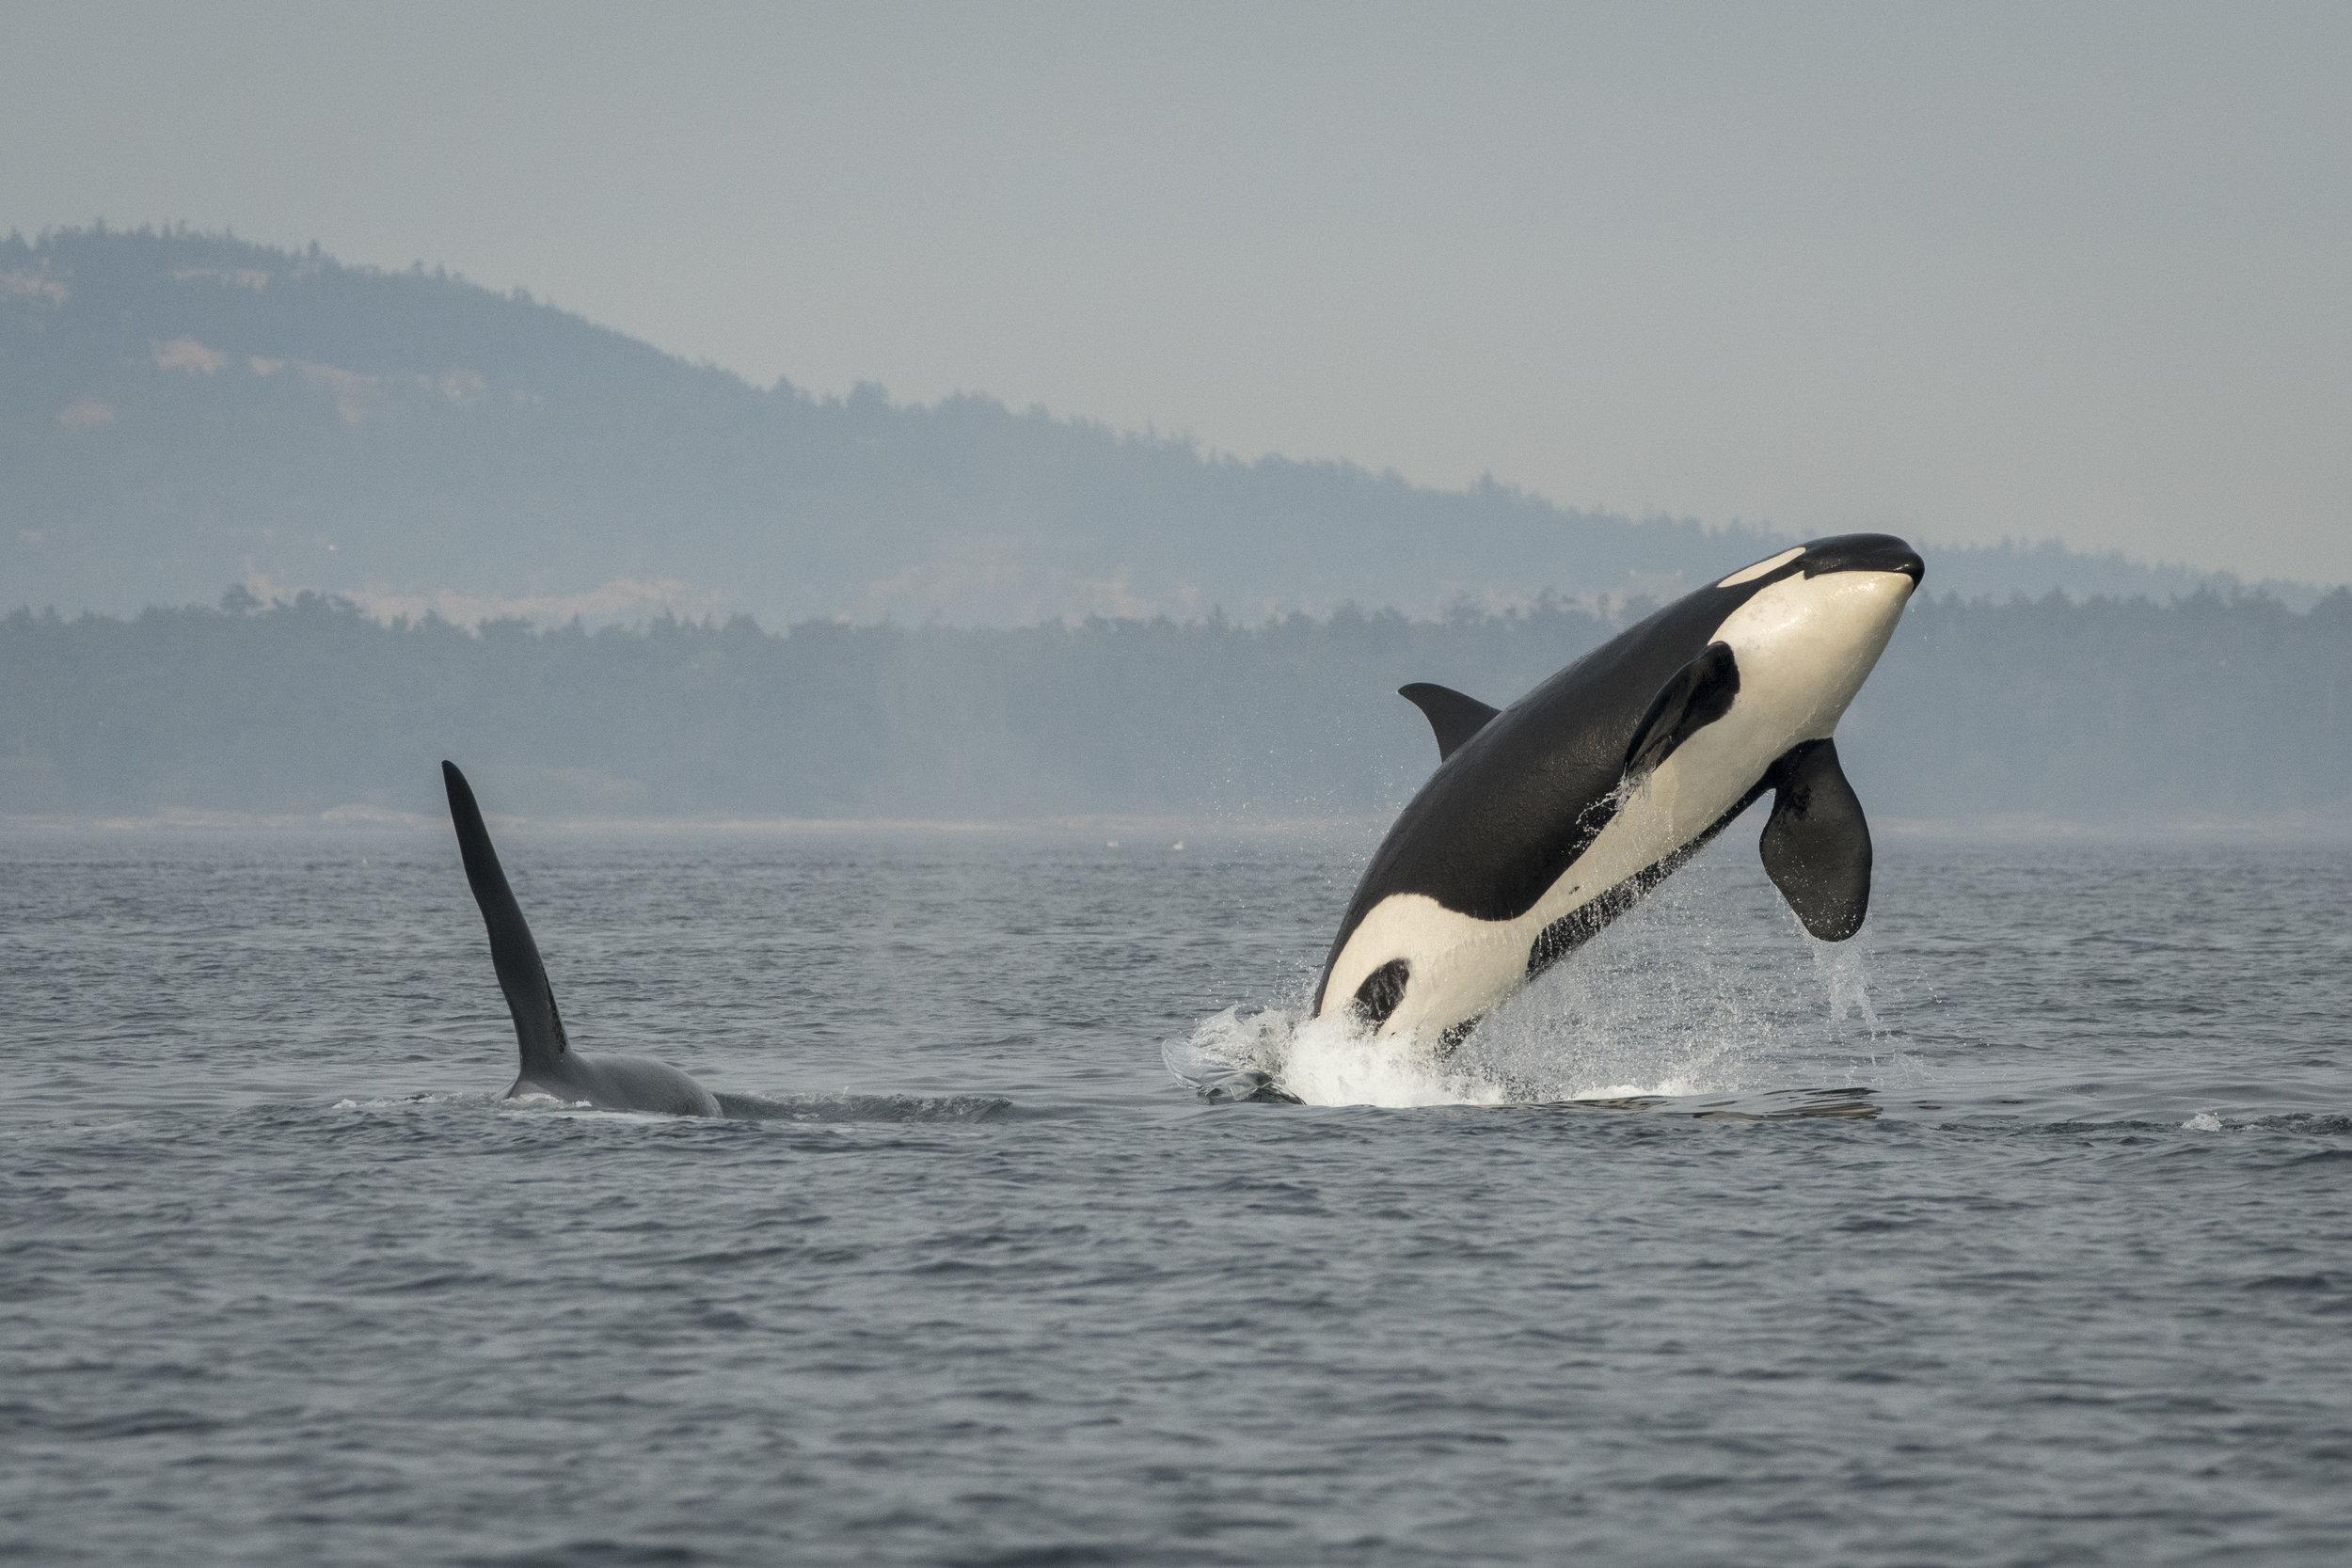 Photo: Katy Foster, NOAA, under permit 18786